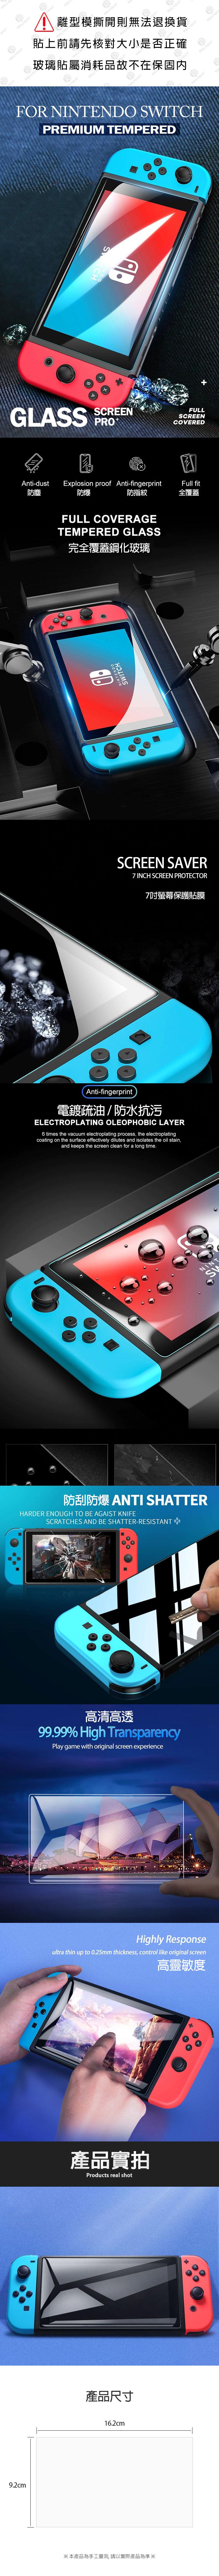 任天堂 Switch OLED版鋼化膜 NS遊戲機鋼化玻璃保護貼 防刮防爆 Switch OLED 7吋螢幕保護貼膜